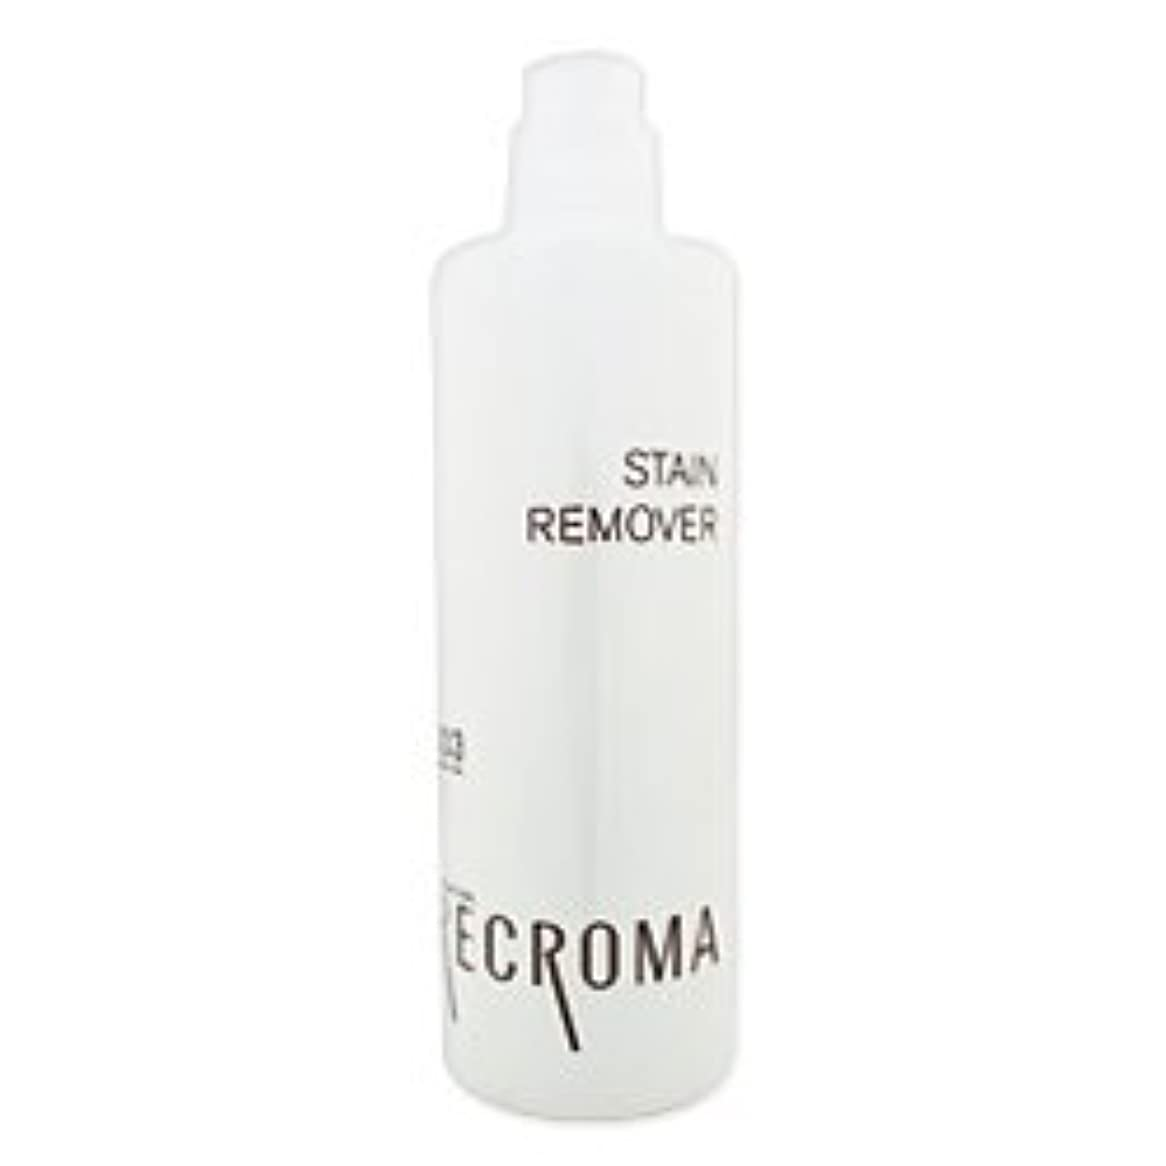 ポーター続編乳白色ナンバースリー リクロマ ステインリムーバー 拭き取り化粧水 300ml 【業務用】